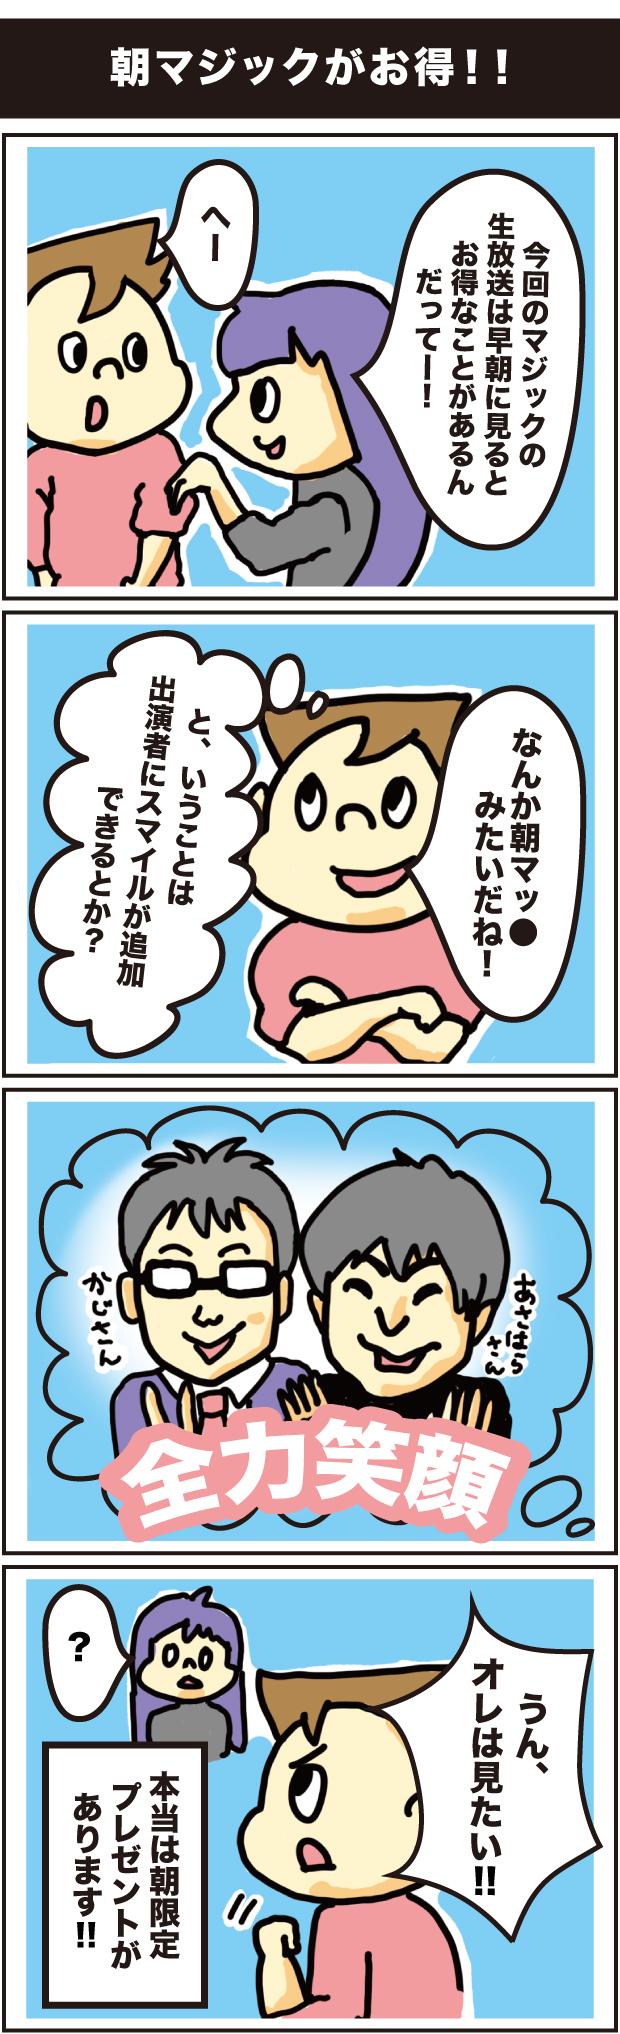 PTKTK_4koma_3.jpg